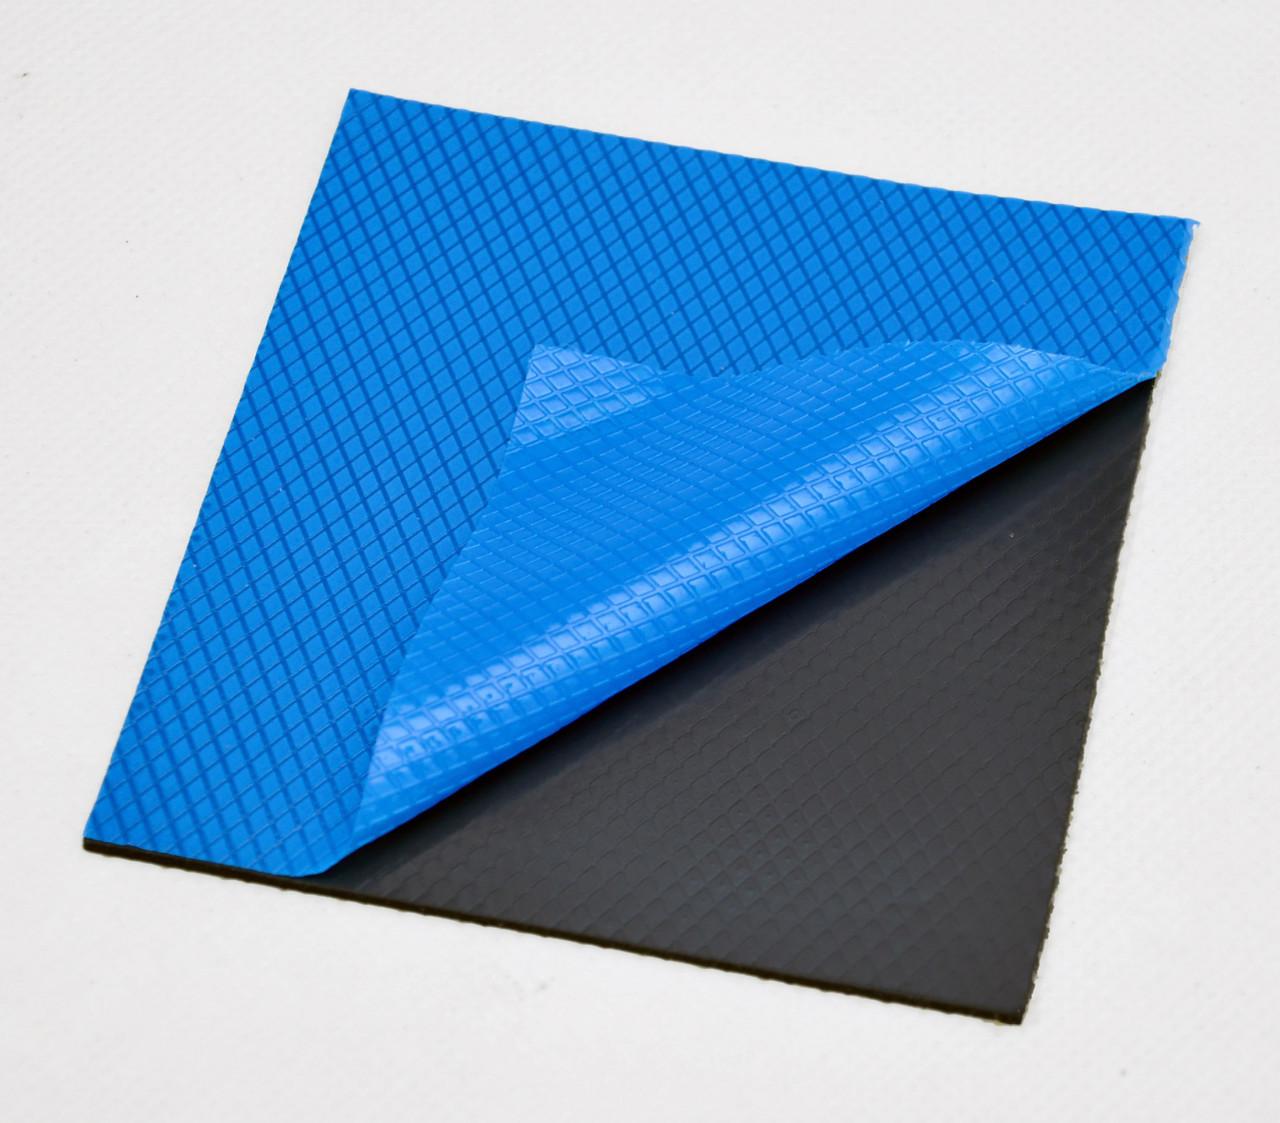 Термопрокладка 3KS 3K600 BK10 0.5мм 100x100 черная 6 Вт/м*К термоинтерфейс для ноутбука (TPr-3K6W-BK10)